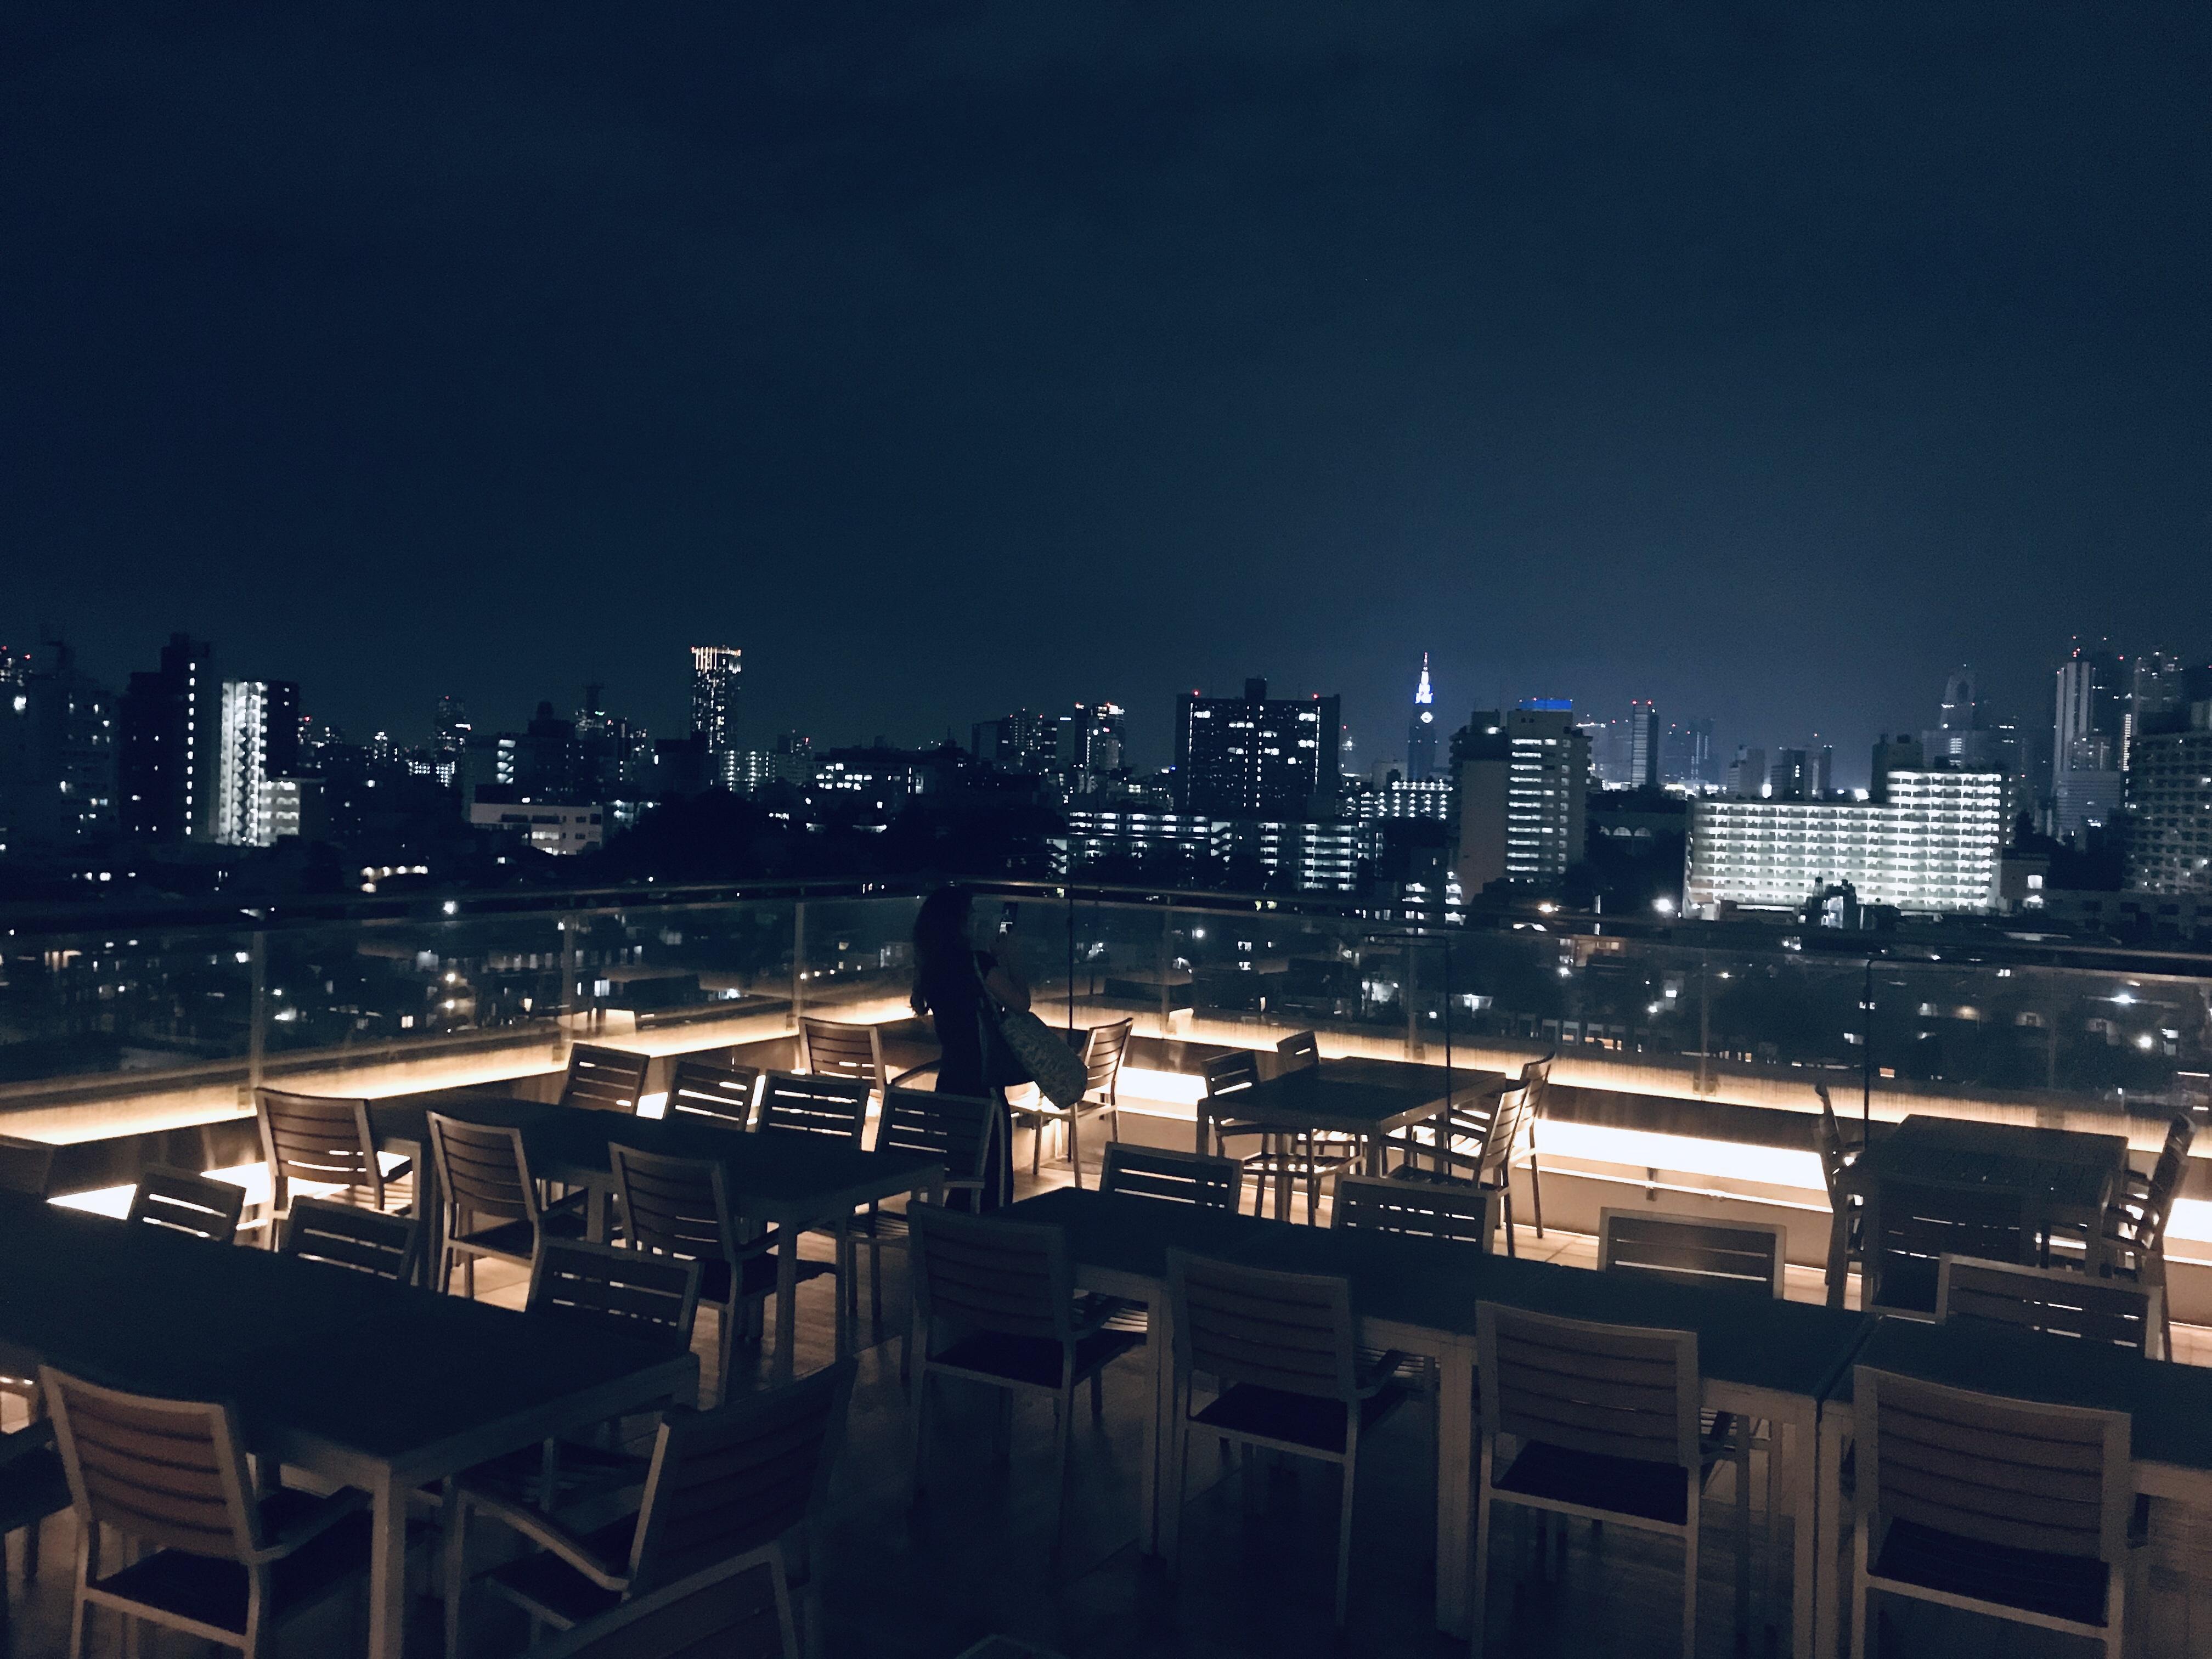 高田馬場の期間限定ルーフトップバー『Sounds Terrace』に行ってみた! 19